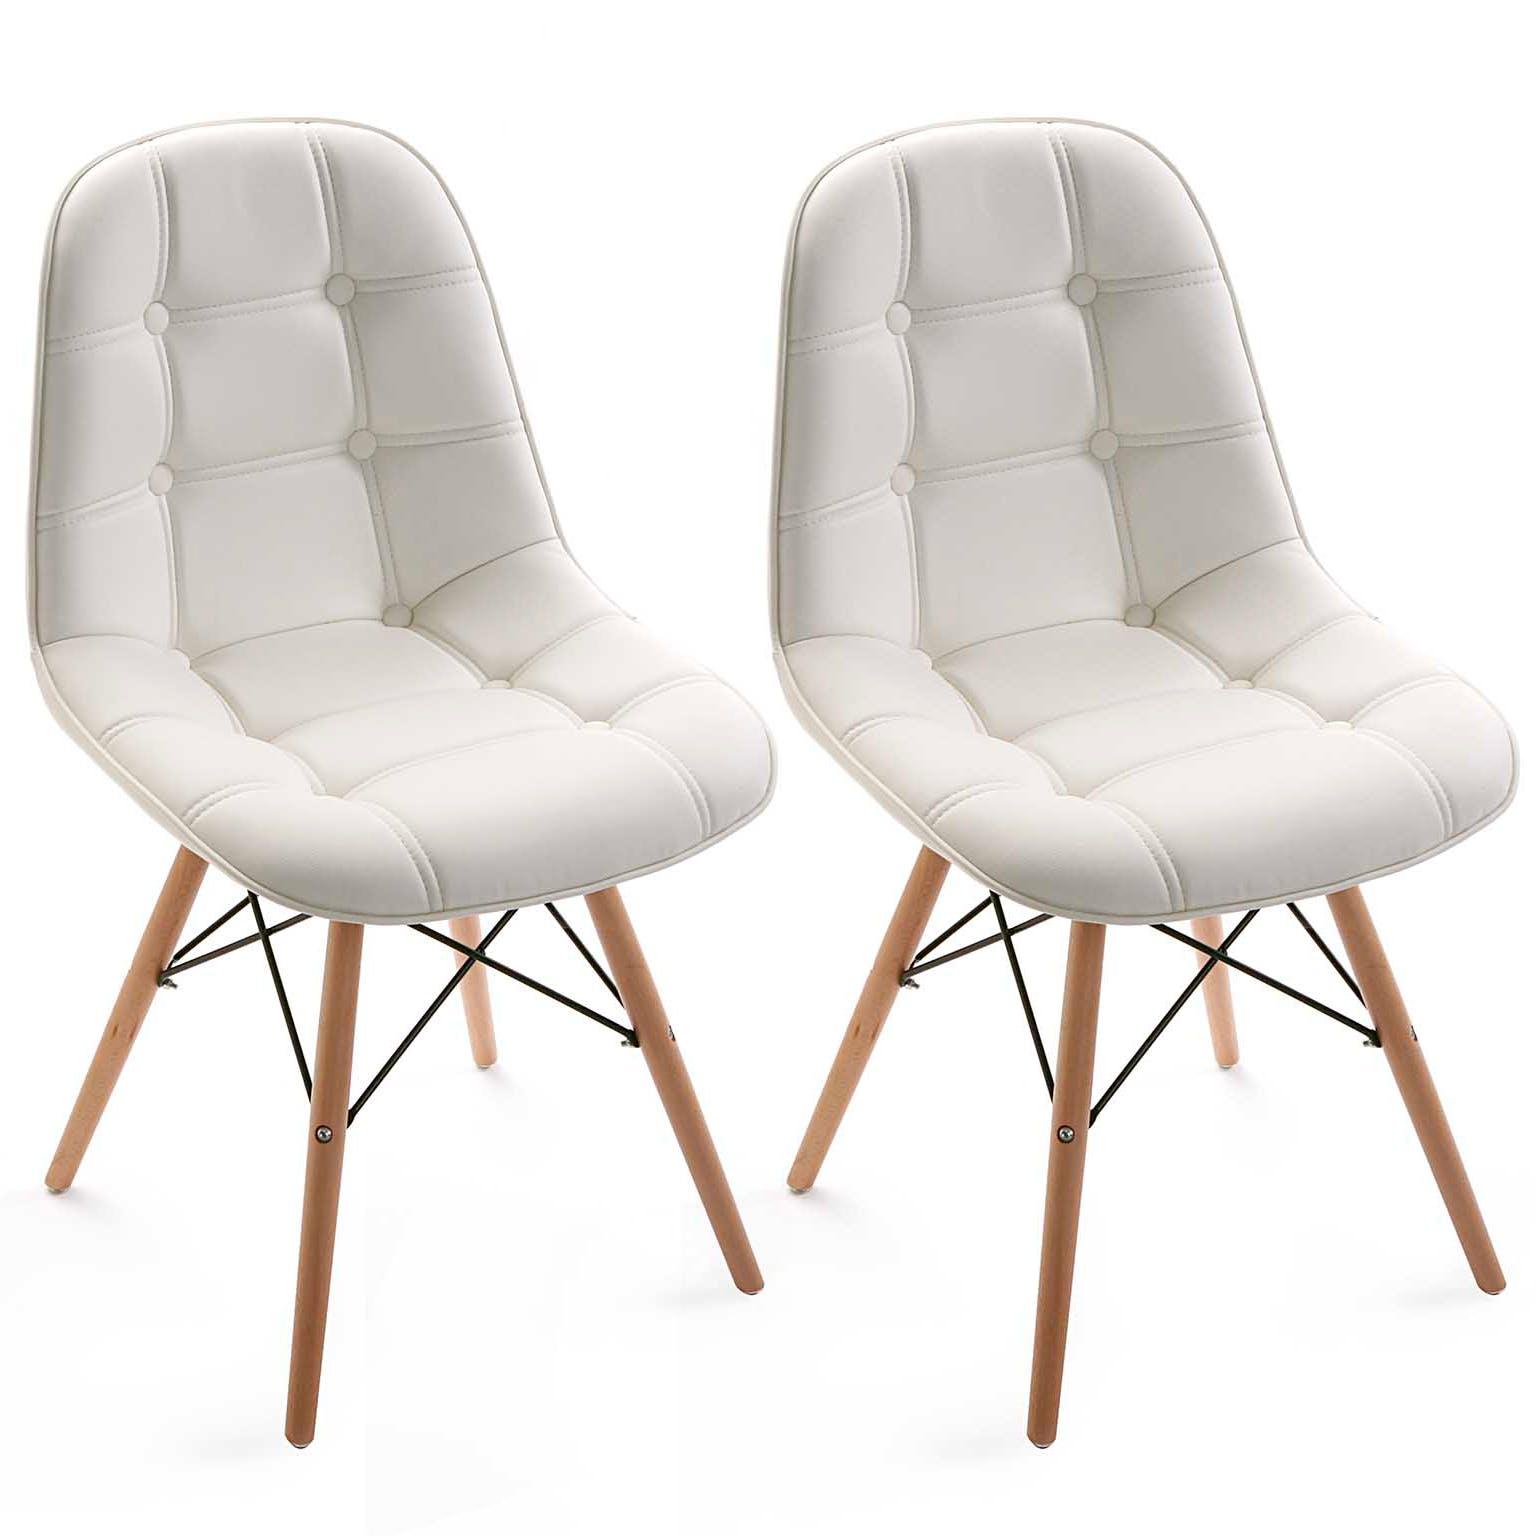 Lot de 2 Chaises Capitonnées en PU blanc et pieds bois 53x45x80cm MAYA2